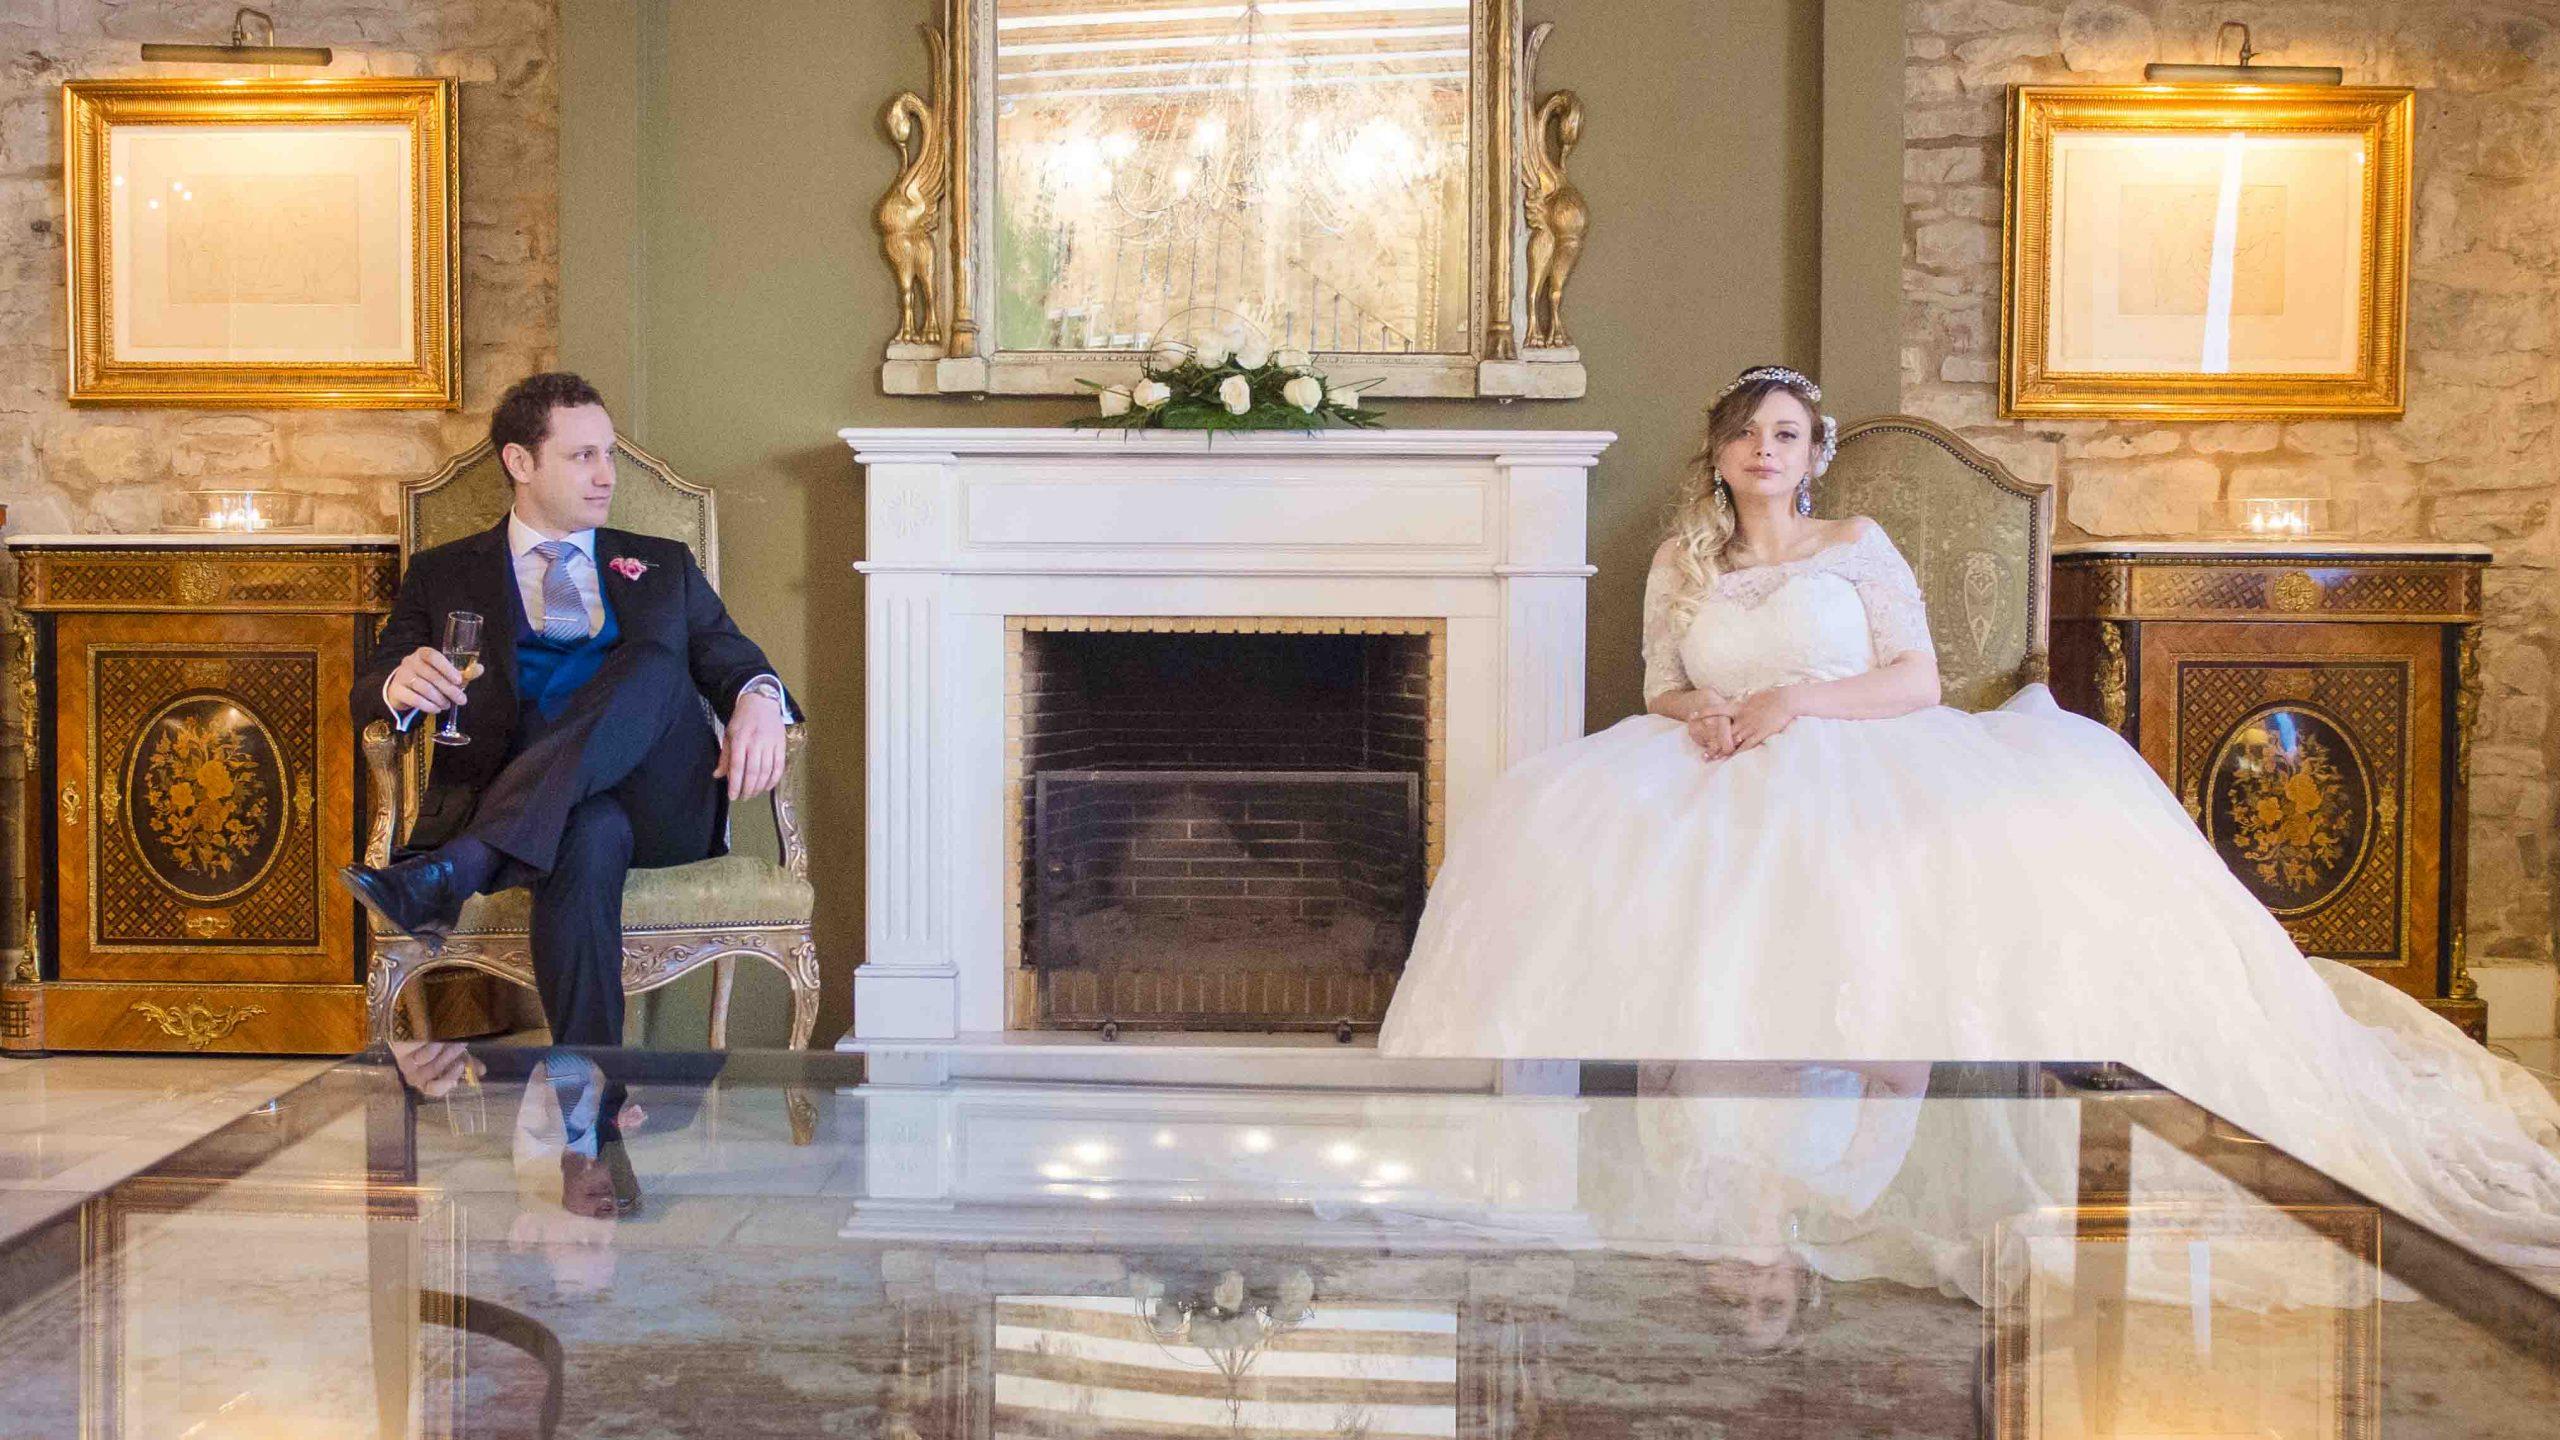 egiguren argazkiak fotógrafo fotos bodas 13